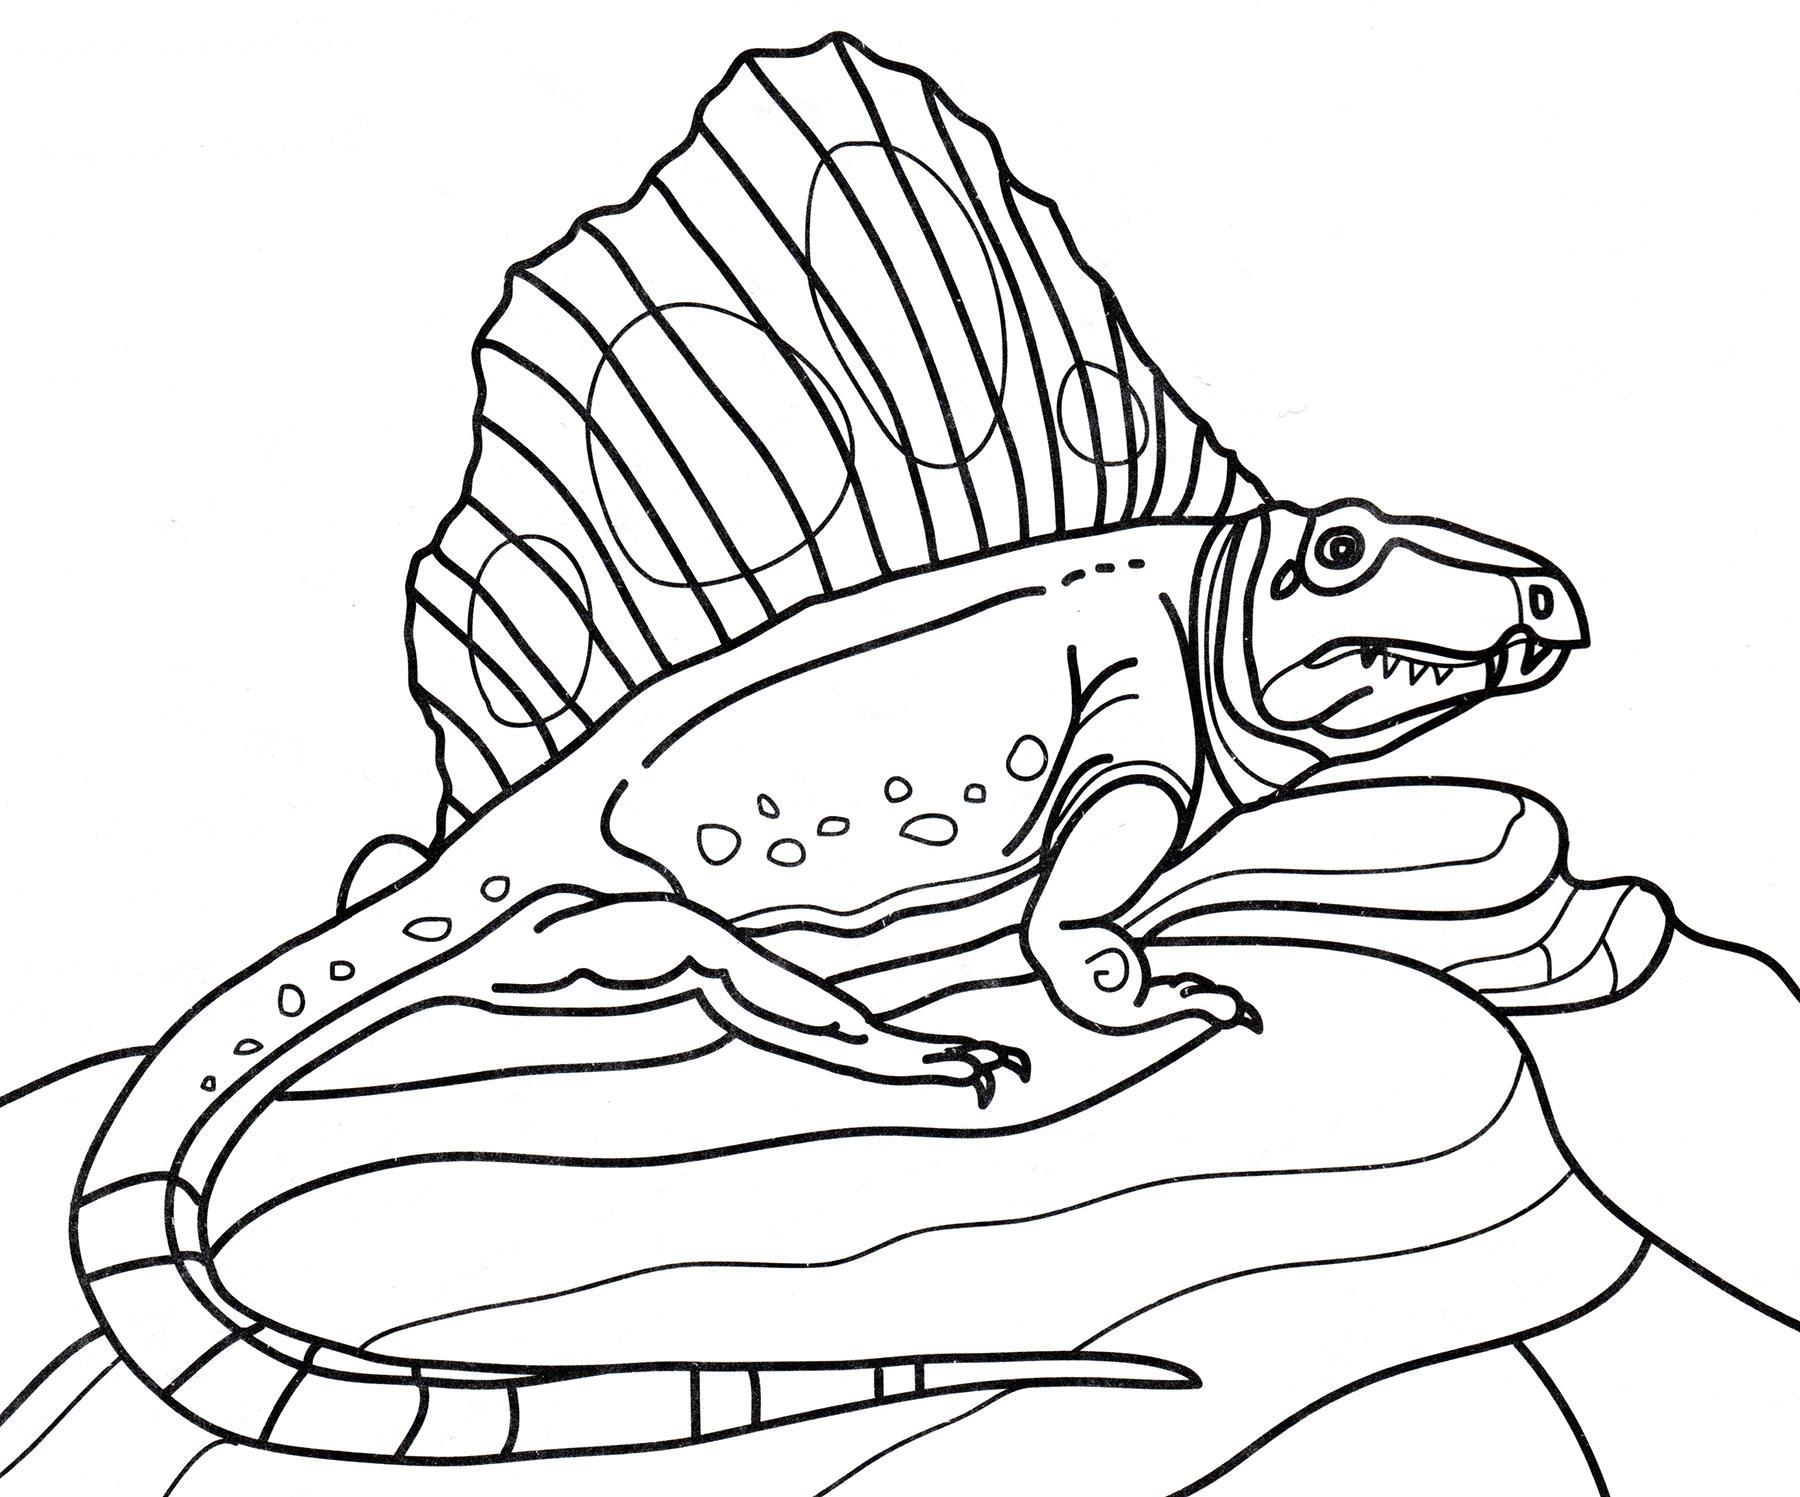 раскраска динозавр диметродон на камнях